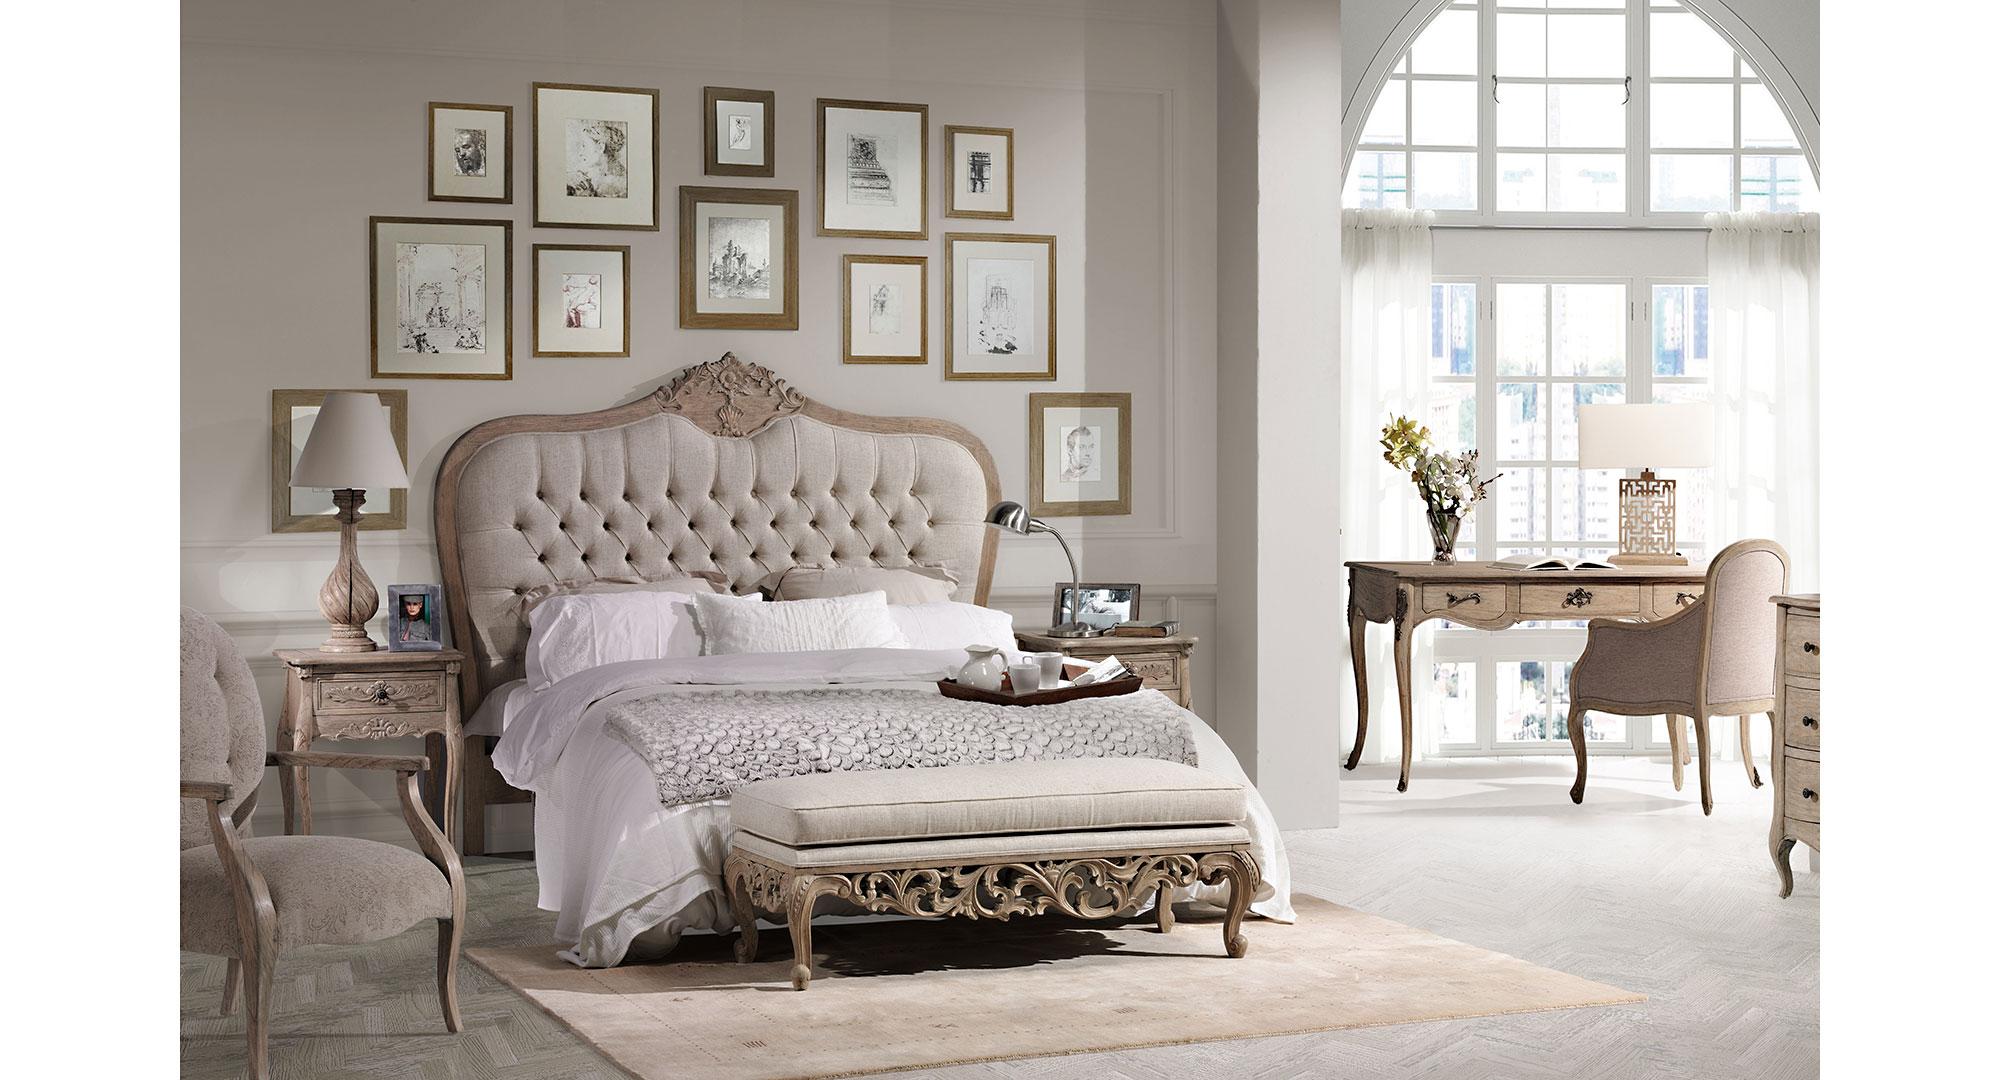 Dormitorio vintage artisan iv de lujo en portobellodeluxe - Comprar decoracion vintage ...